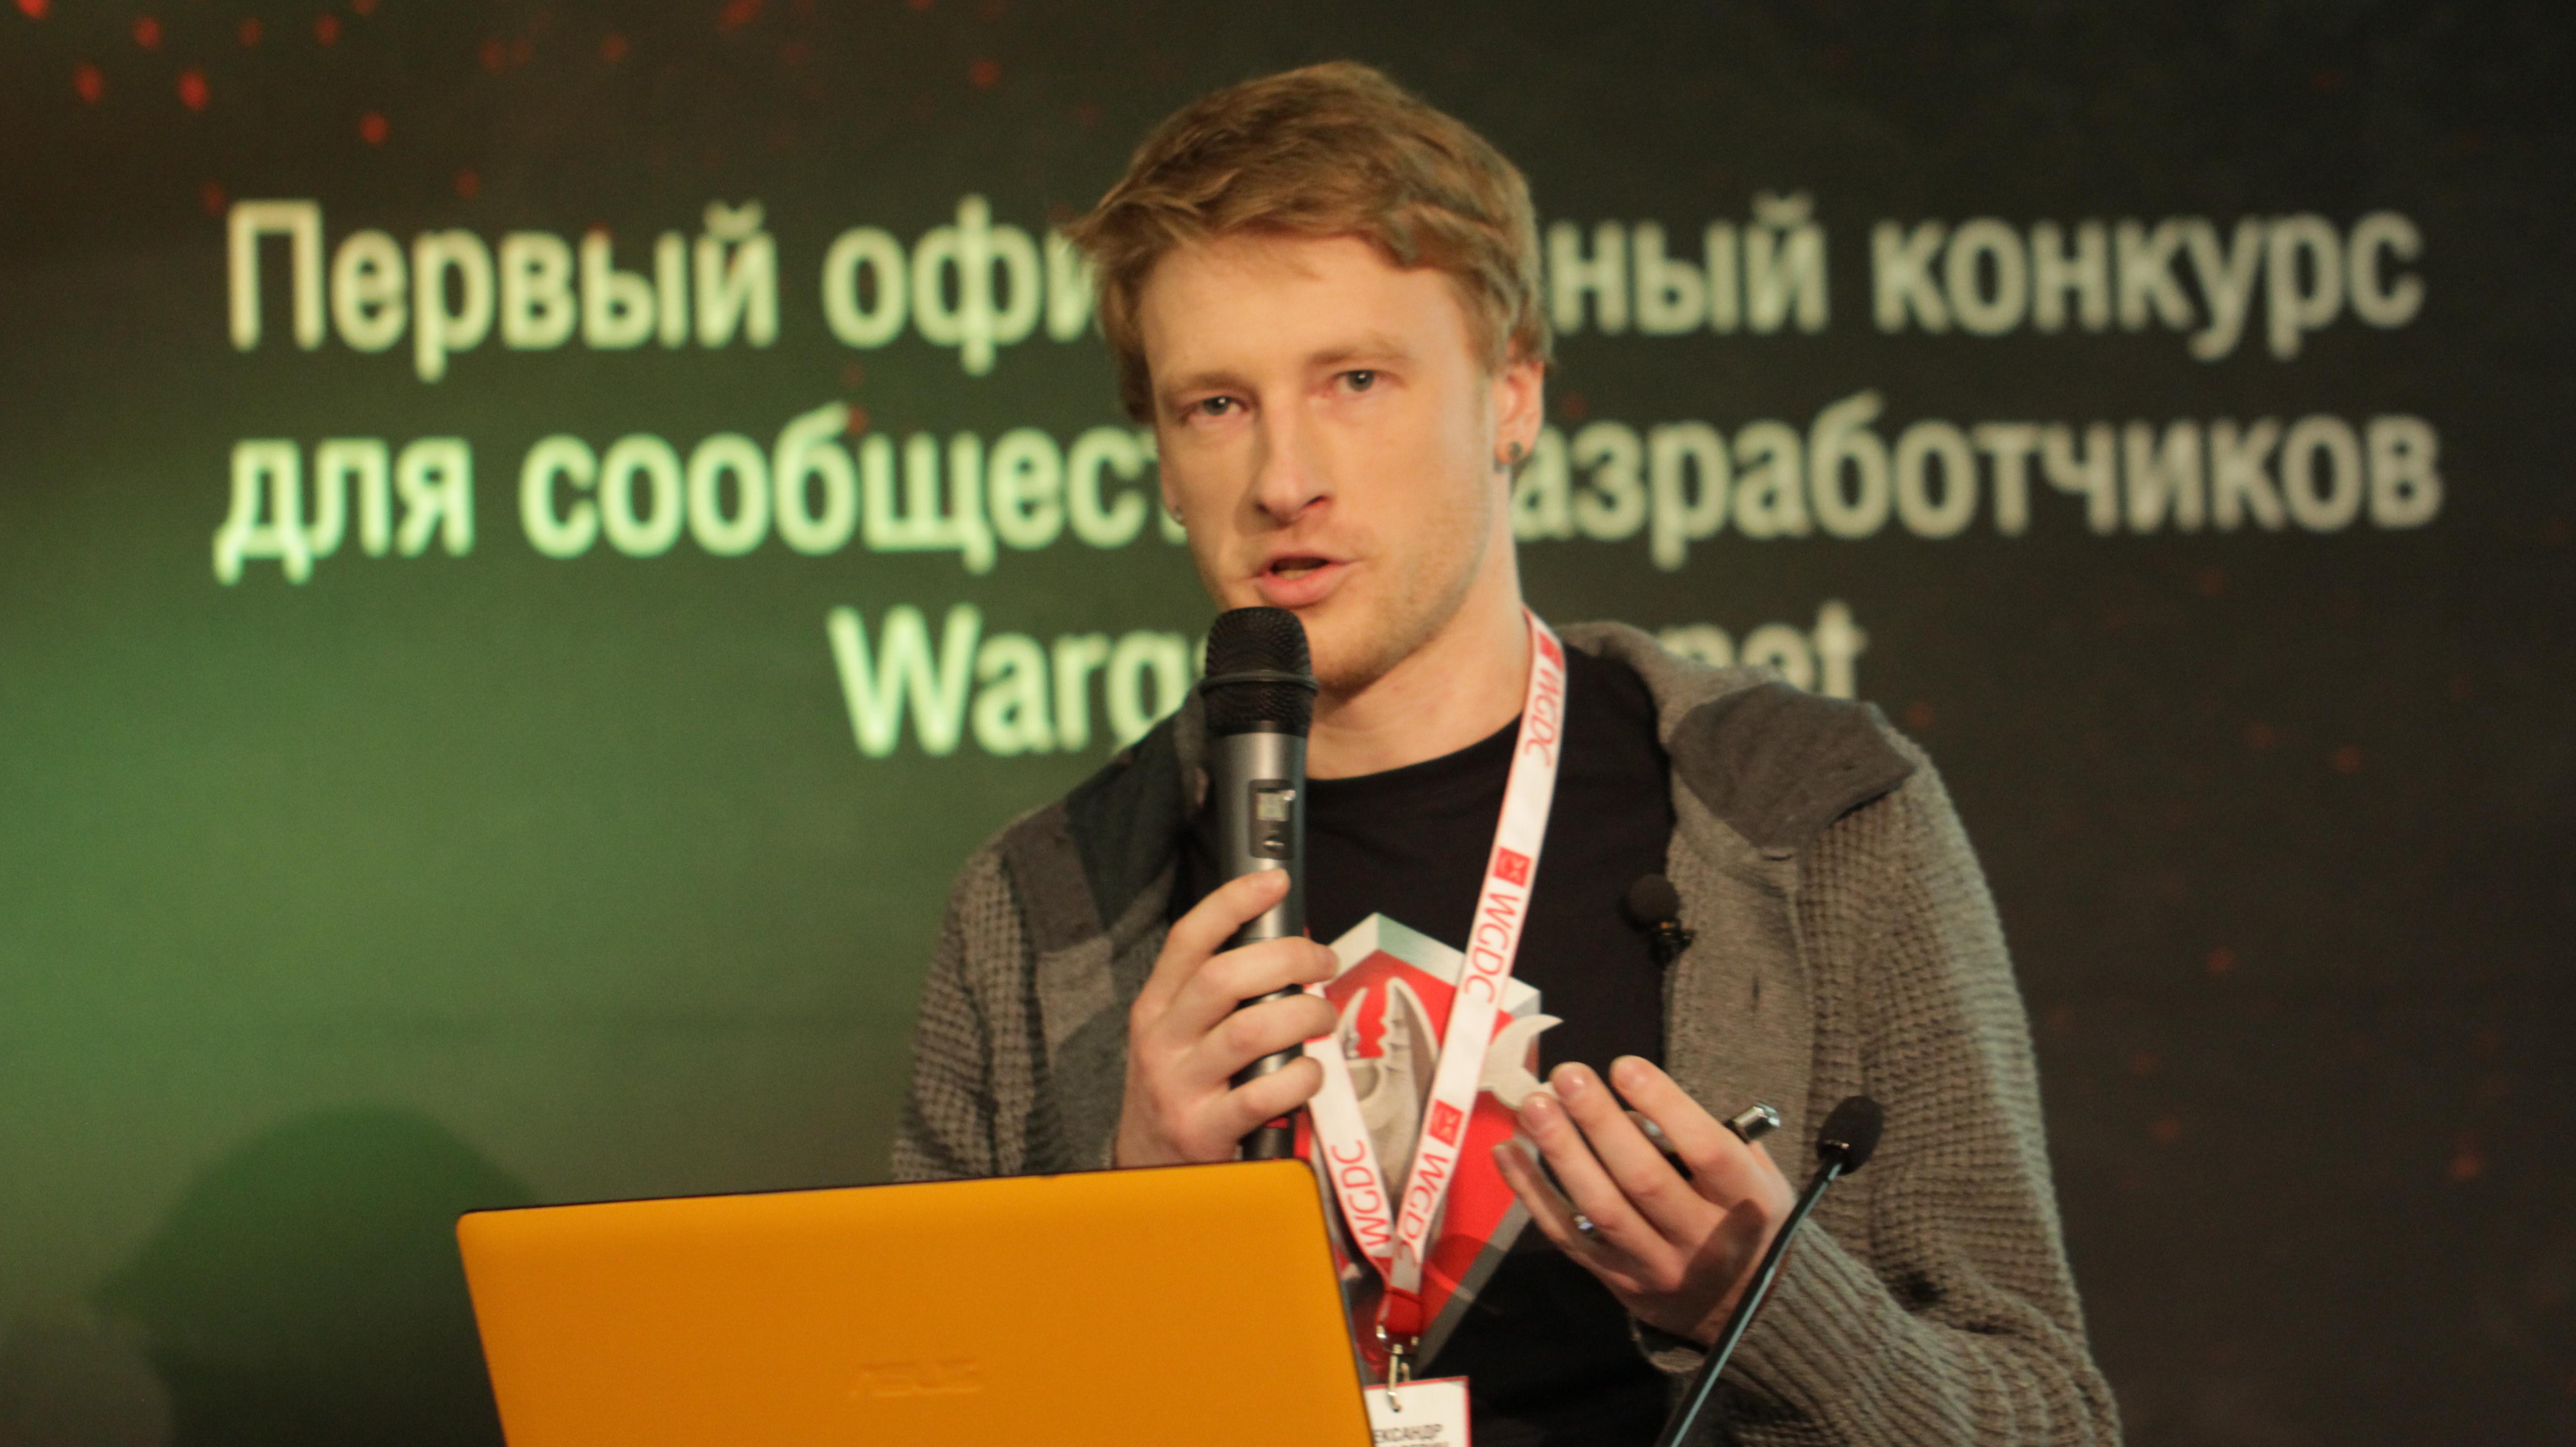 WGN_Photos_WGDC_Conference_Image_26